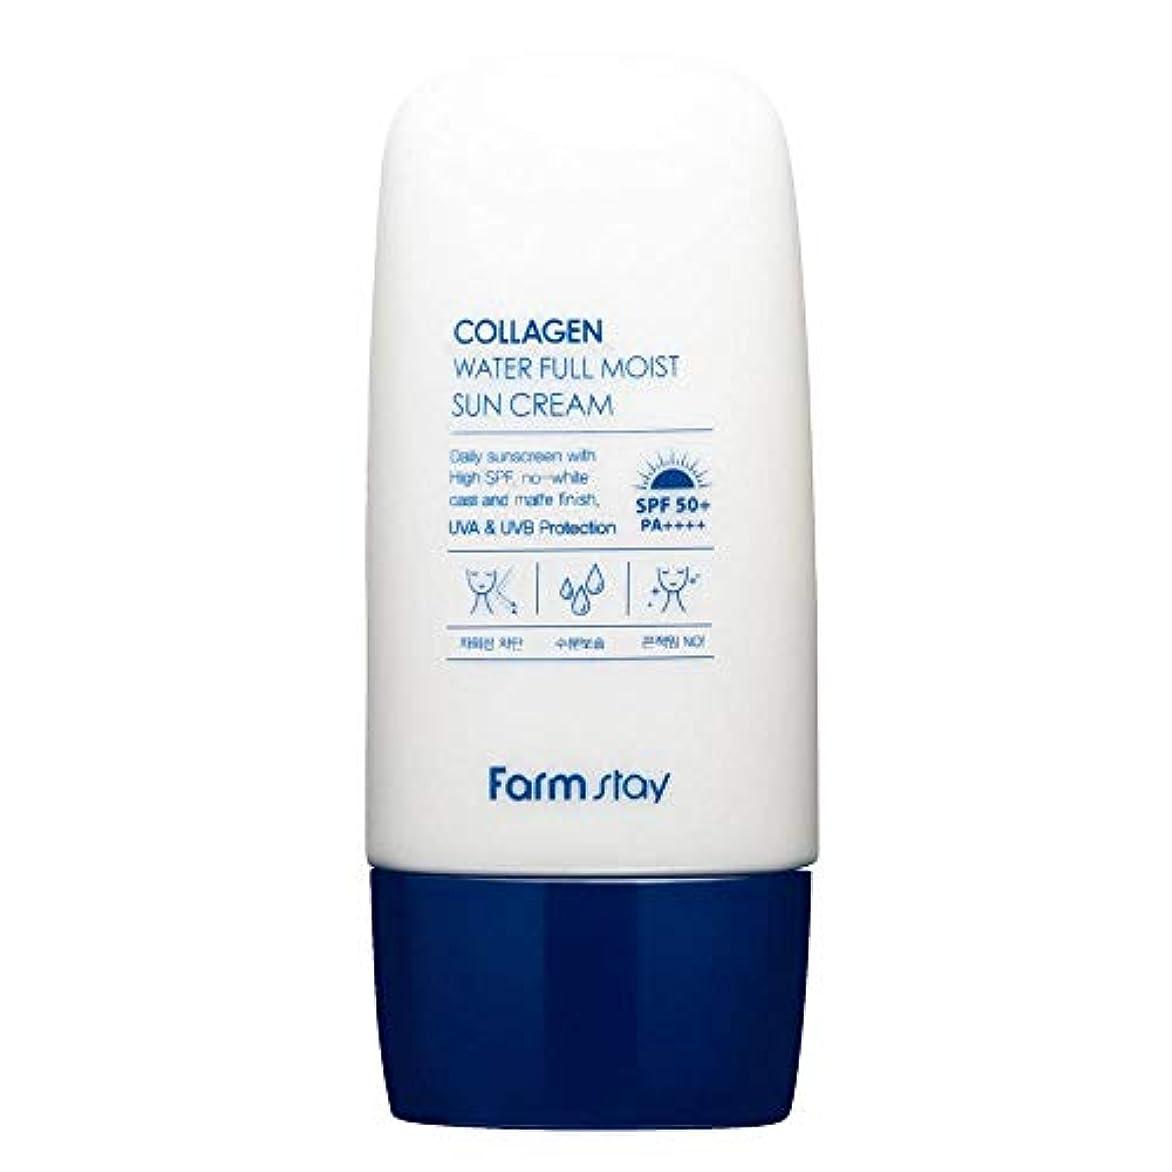 魅力的モードリン太字ファームステイ[Farm Stay] コラーゲンウォーターフルモイストサンクリーム45g / Collagen Water Full Moist Sun Cream